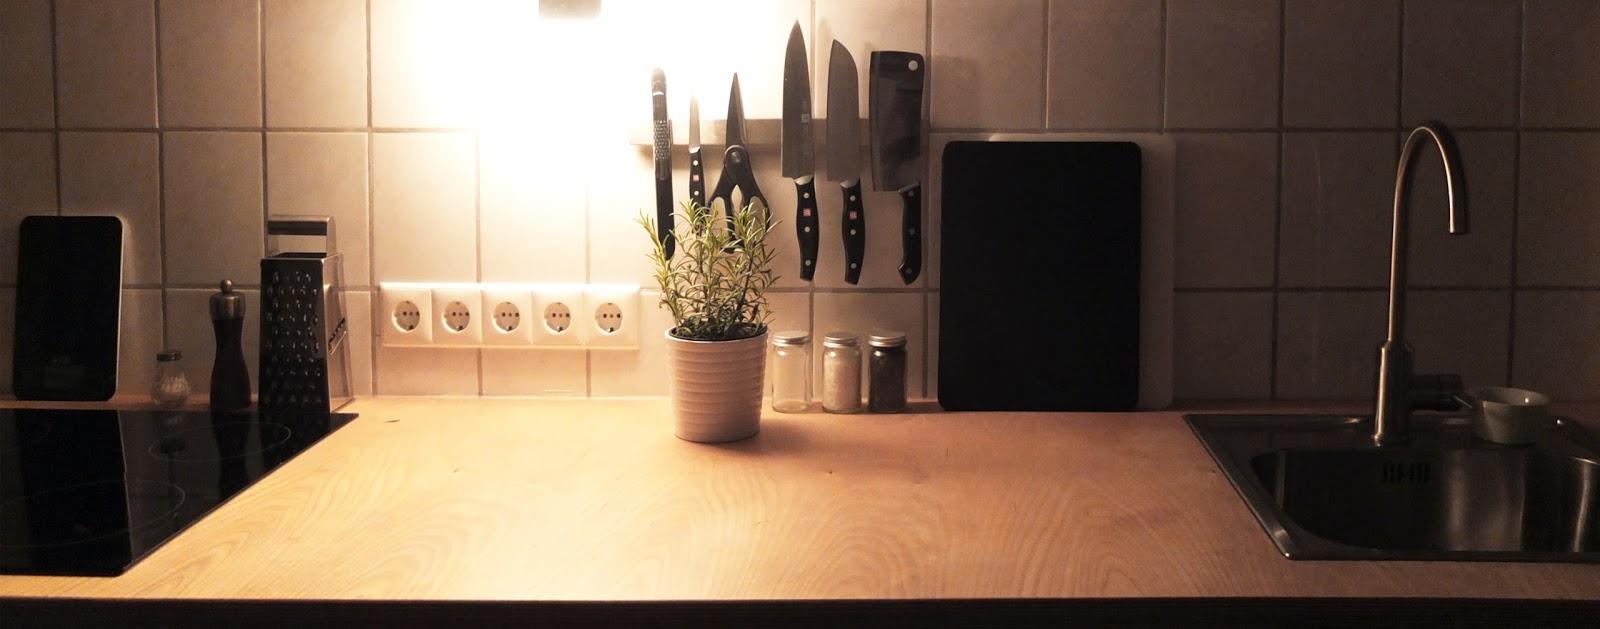 maulwurfsh gelig wohnliches k chenzeile. Black Bedroom Furniture Sets. Home Design Ideas